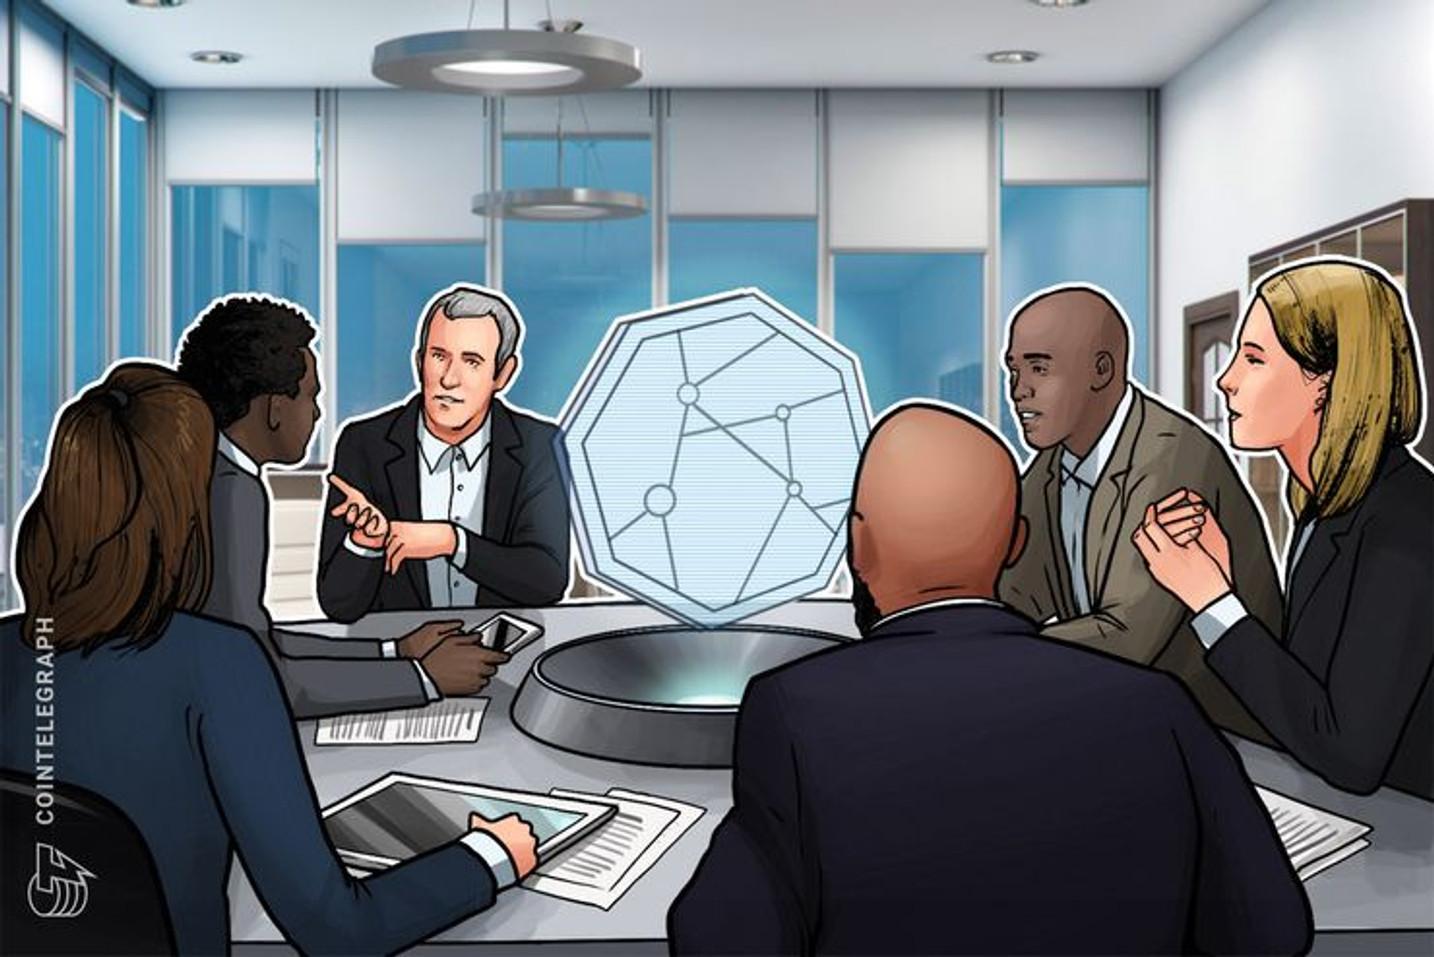 金融安定理事会(FSB)、金融安定における分散型金融の恩恵とリスクを分析 仮想通貨マイニングの集中などを懸念